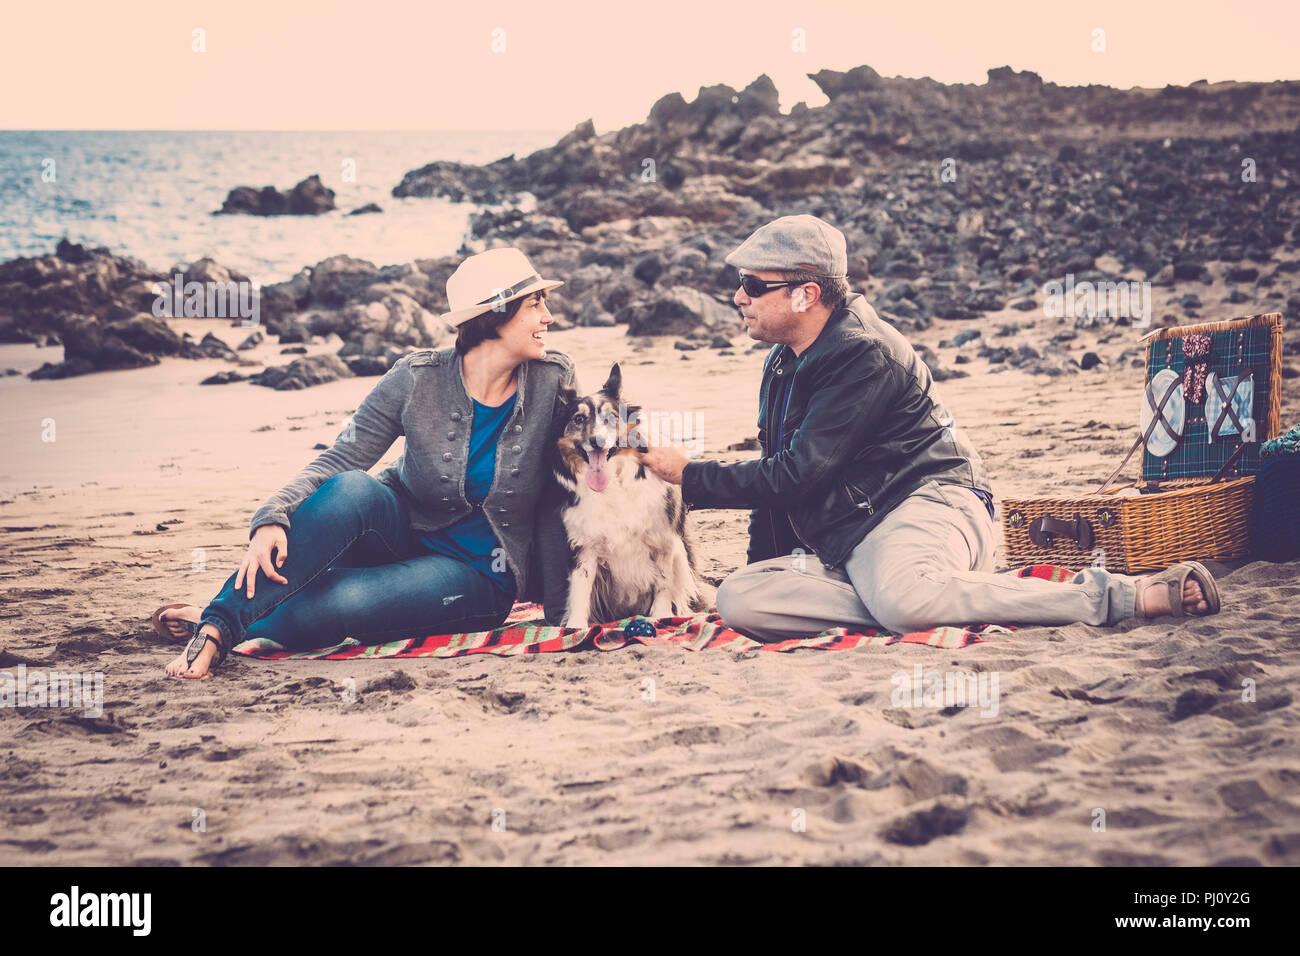 Beau groupe de chien, l'homme et la femme les jeunes de s'amuser ensemble à la plage pique-nique faire et profiter de l'activité de loisirs de plein air les gens de la mode. Photo Stock